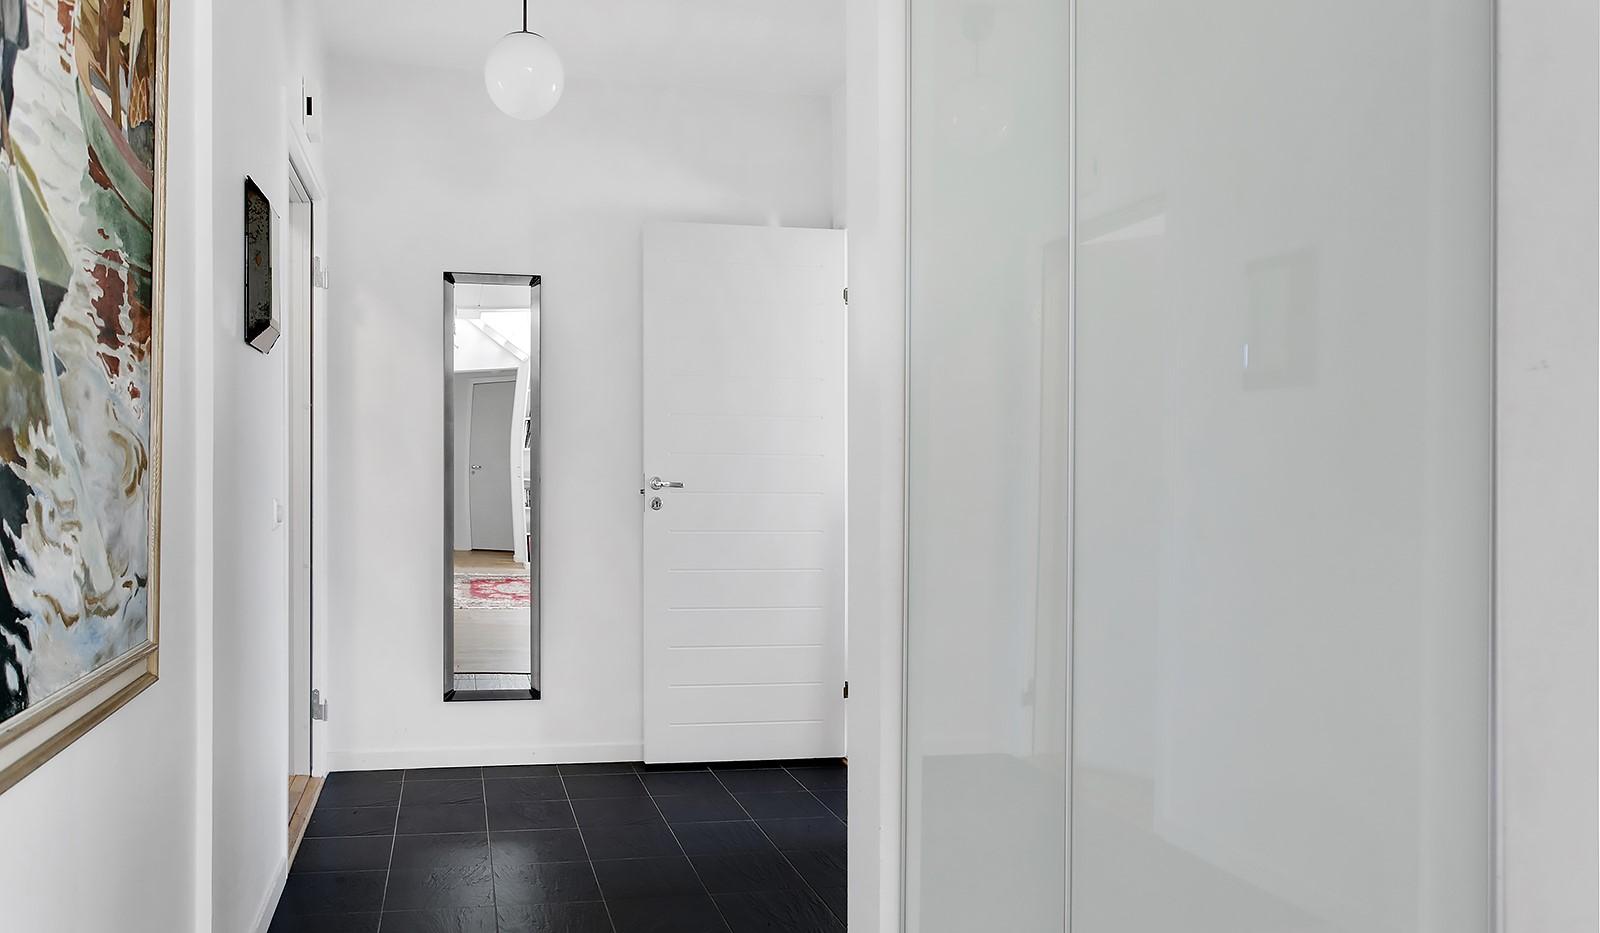 Sickla Kanalgata 64, vån 4 & 5 - Välkomnande hall med snyggt svart klinkergolv